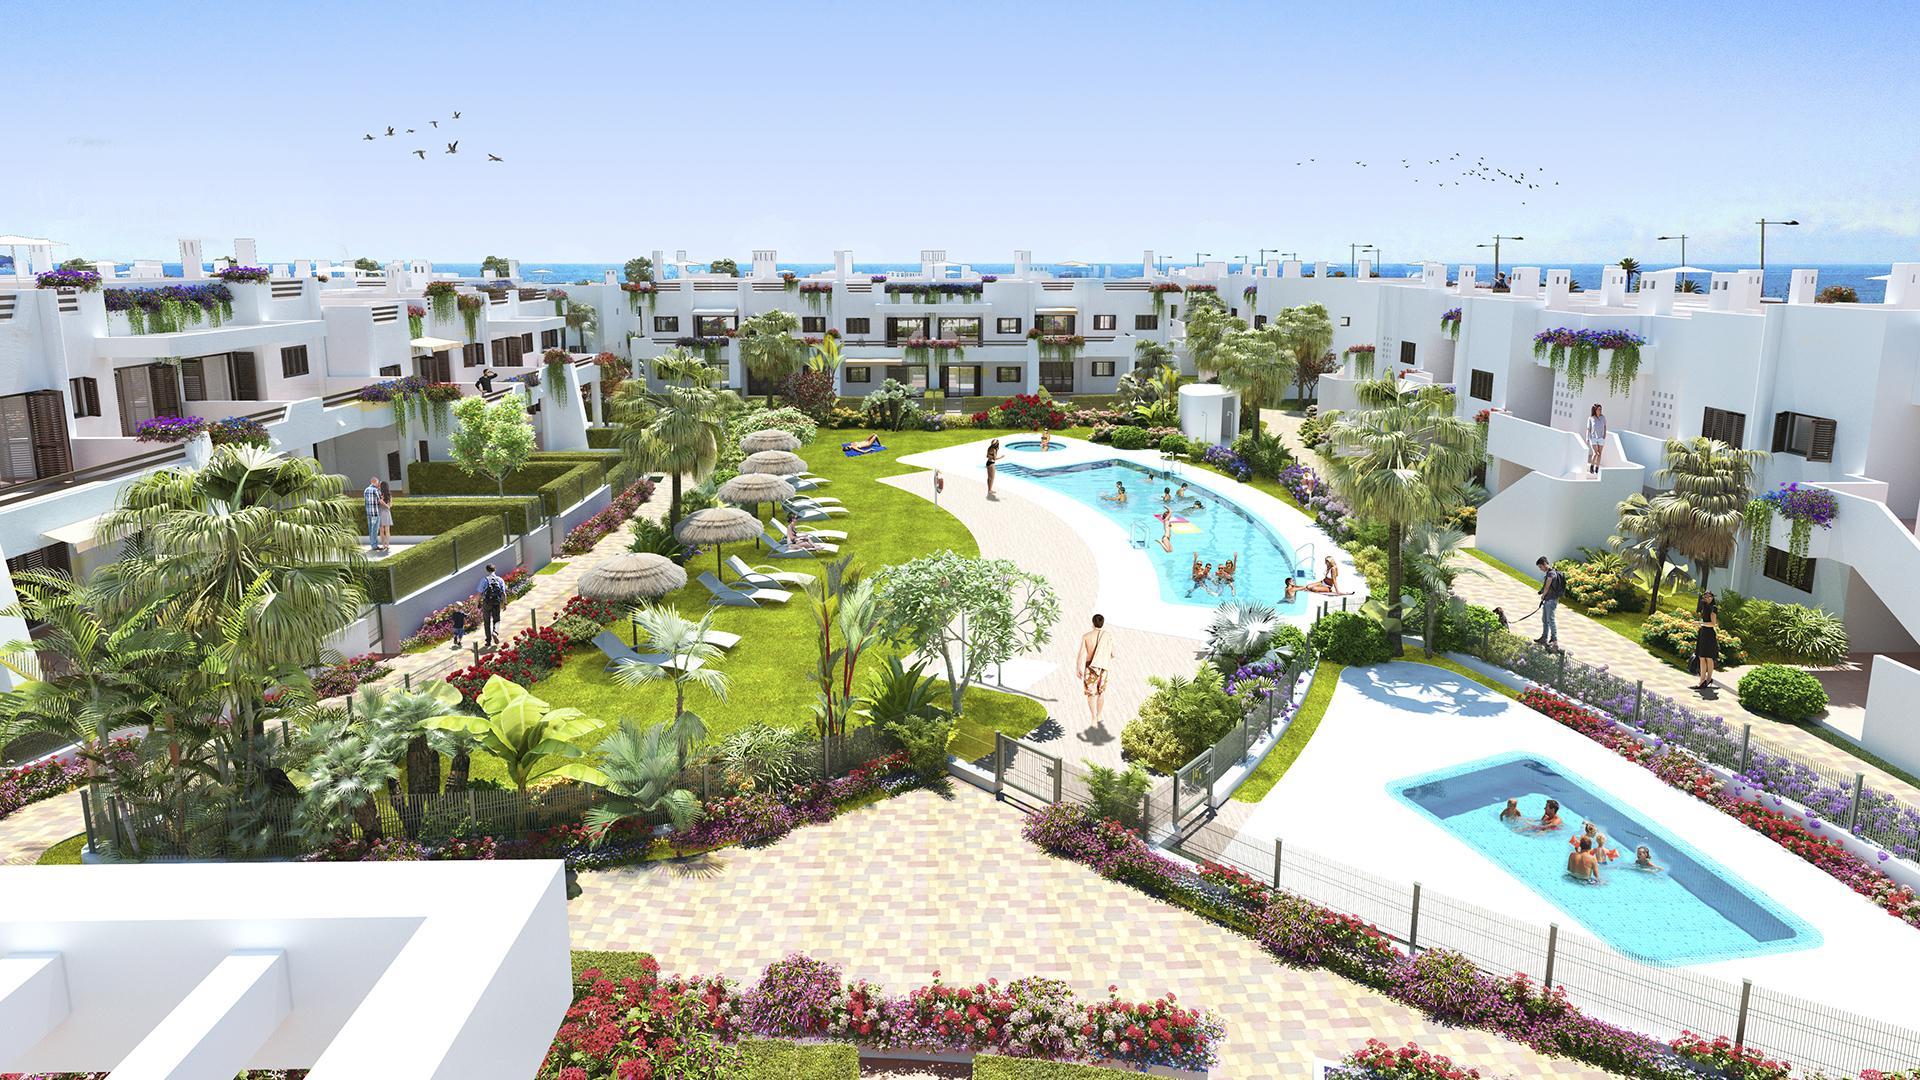 Appartement aan zee Mar de Pulpi - fase 6 in Medvilla Spanje